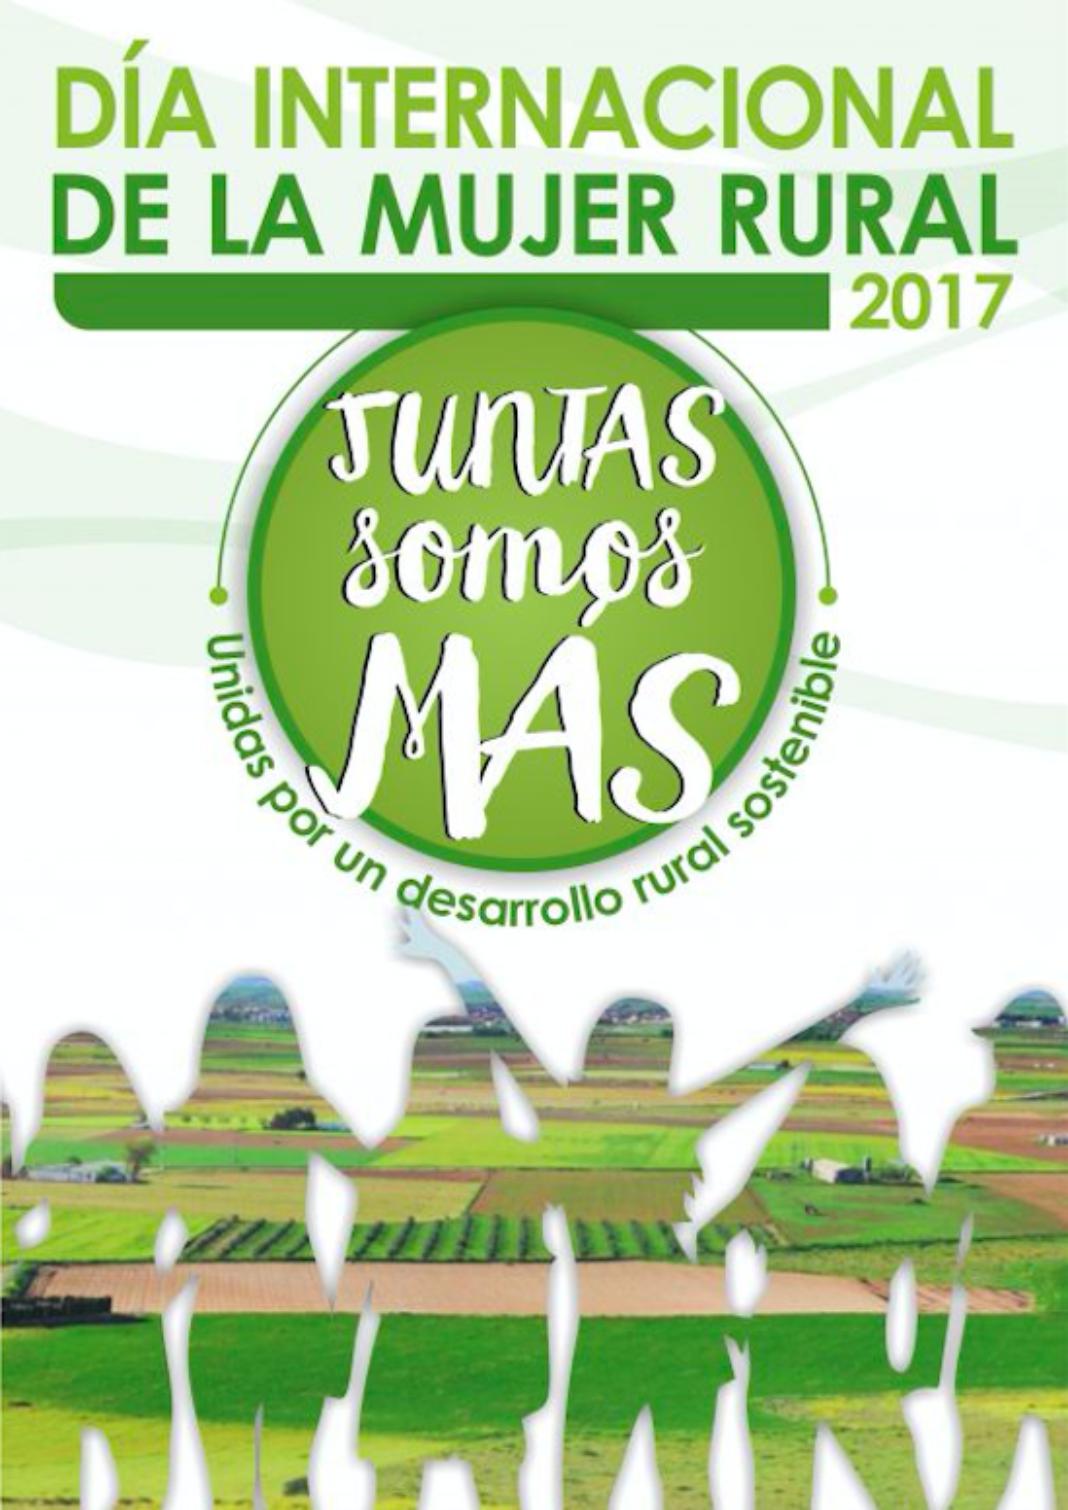 Dia de la Mujer Rural 2017 1068x1510 - Mujeres en el sector agroalimentario. Mesa de experiencias